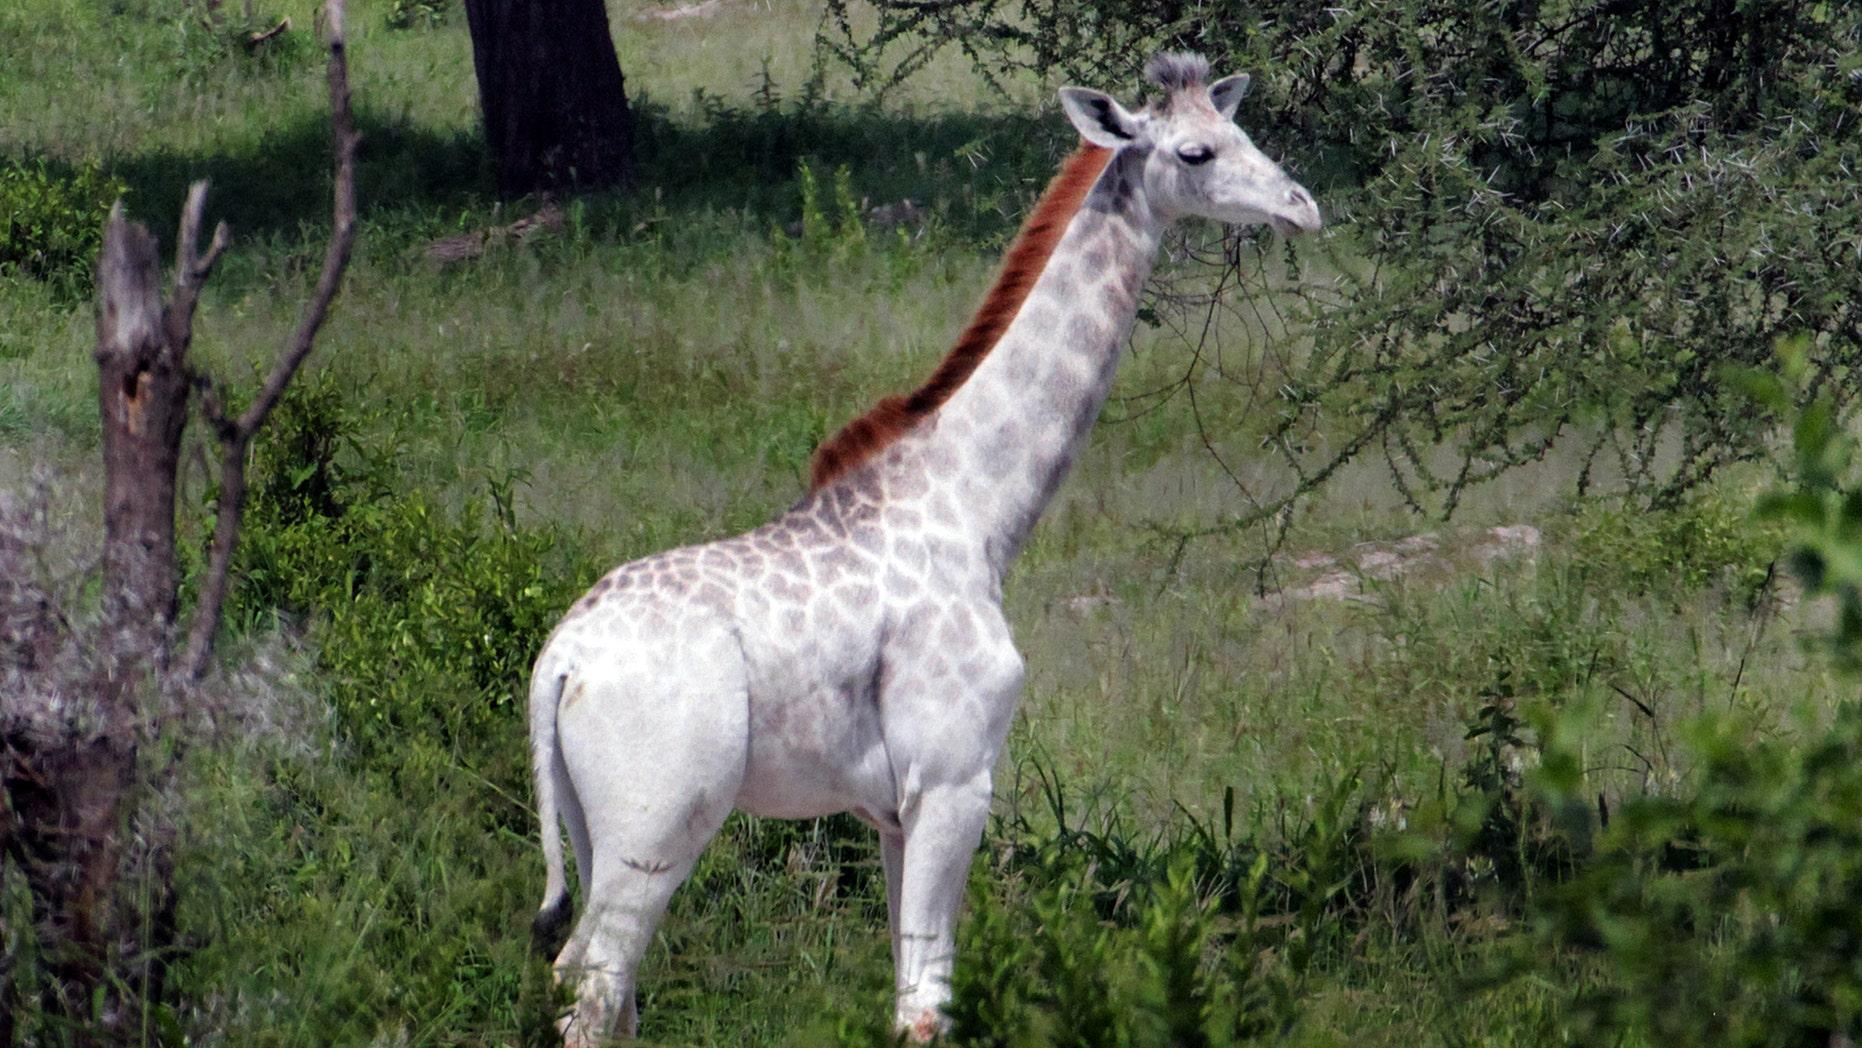 Omo the white giraffe (DEREK LEE/ CATERS NEWS)